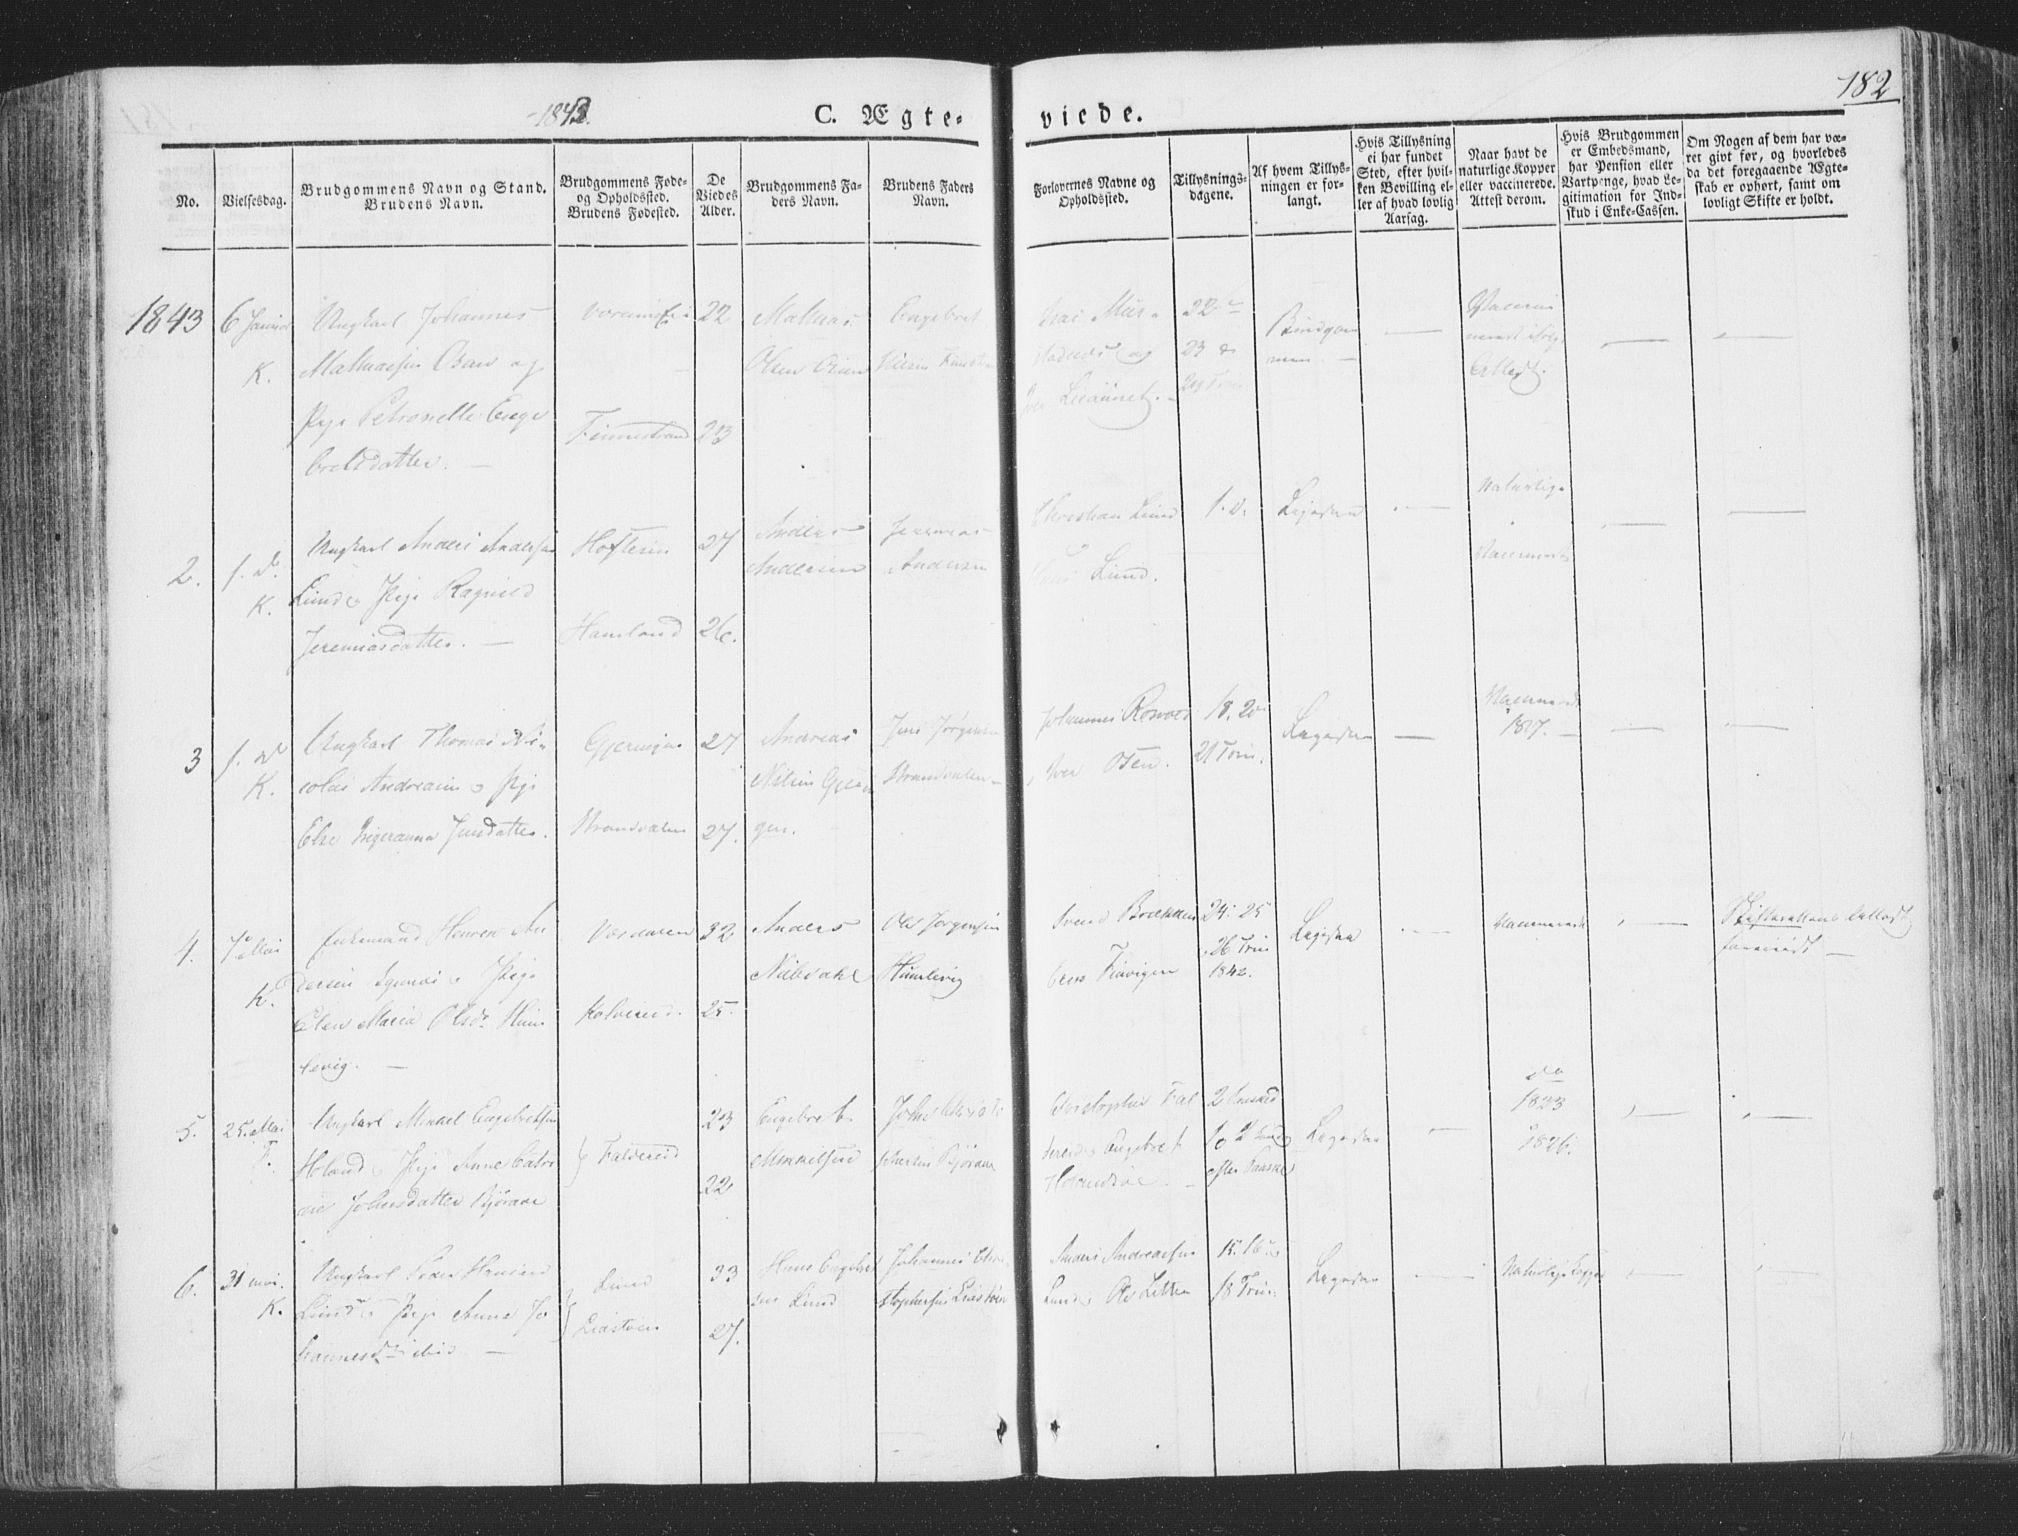 SAT, Ministerialprotokoller, klokkerbøker og fødselsregistre - Nord-Trøndelag, 780/L0639: Ministerialbok nr. 780A04, 1830-1844, s. 182